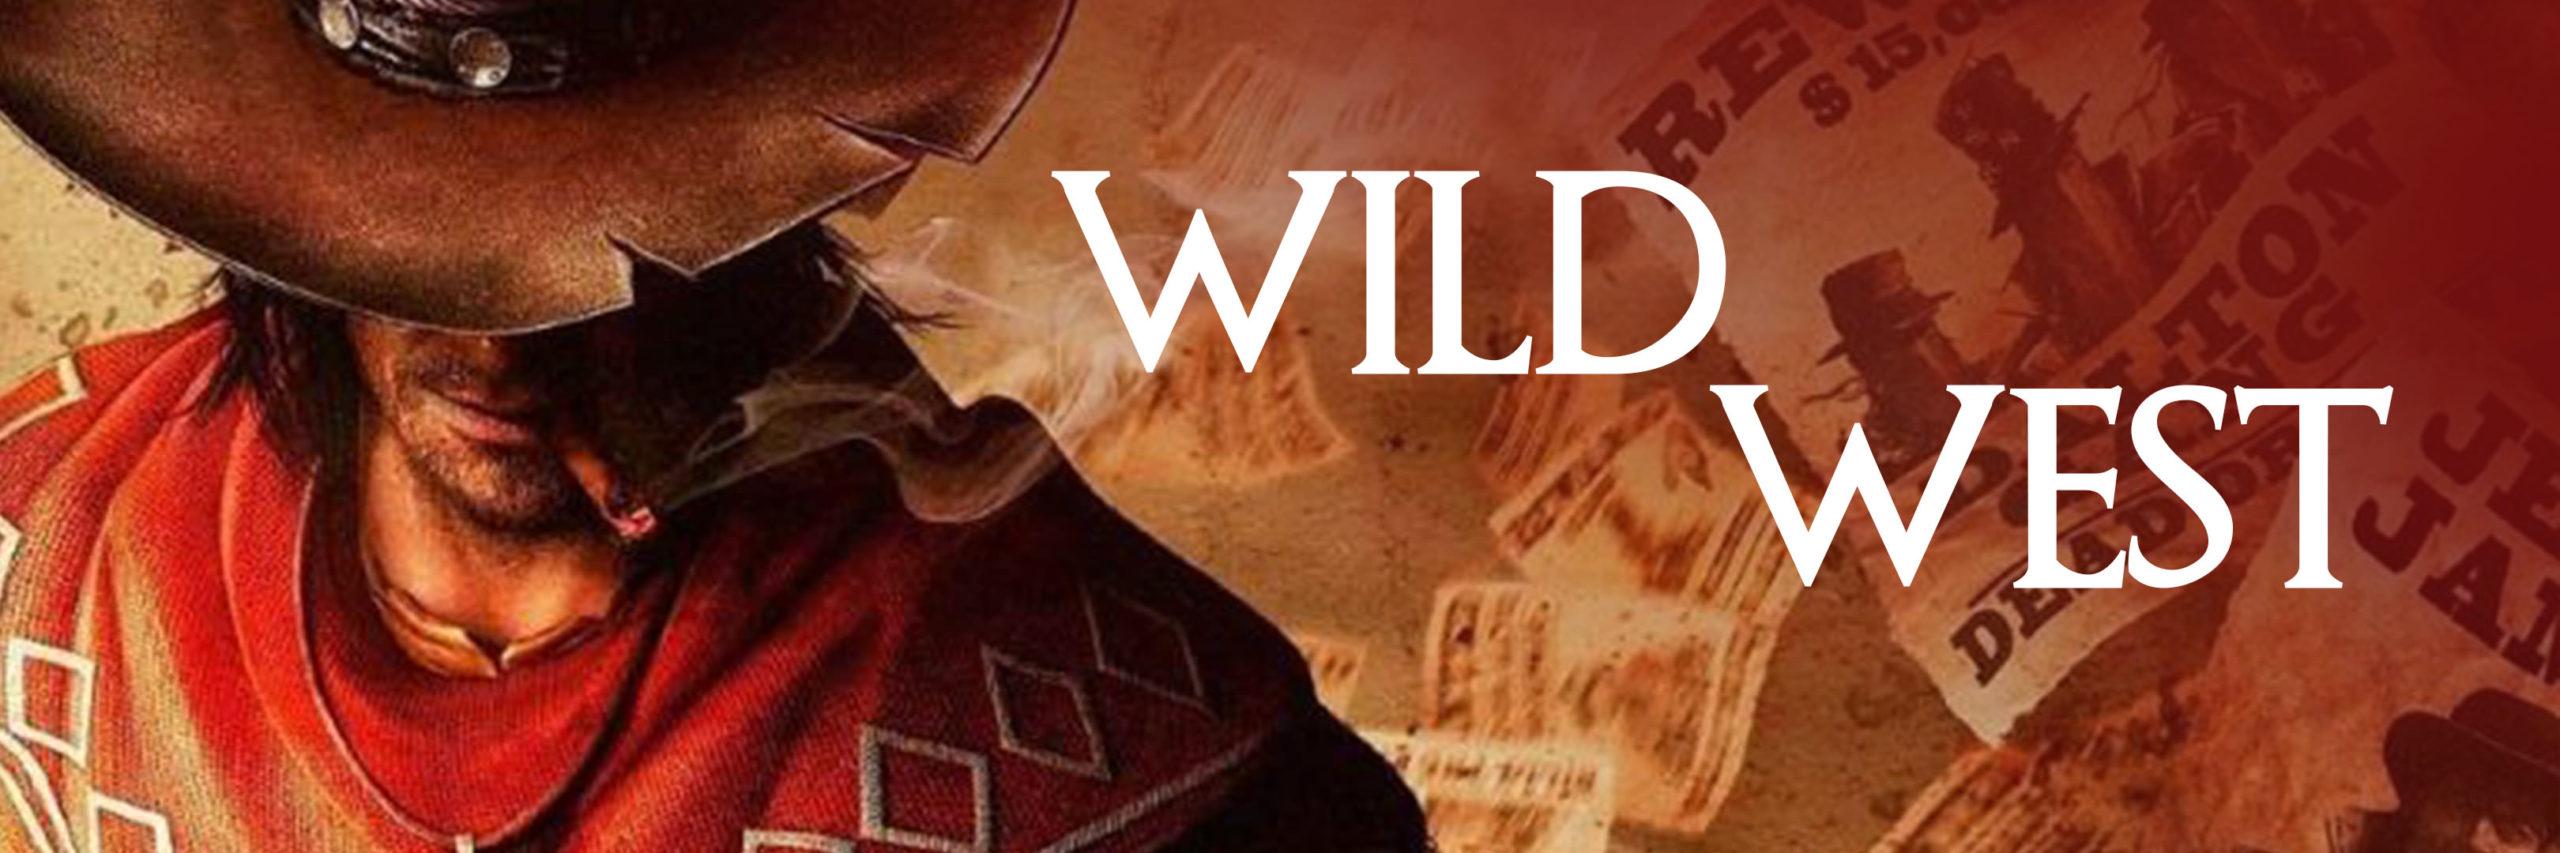 wild west - birthday